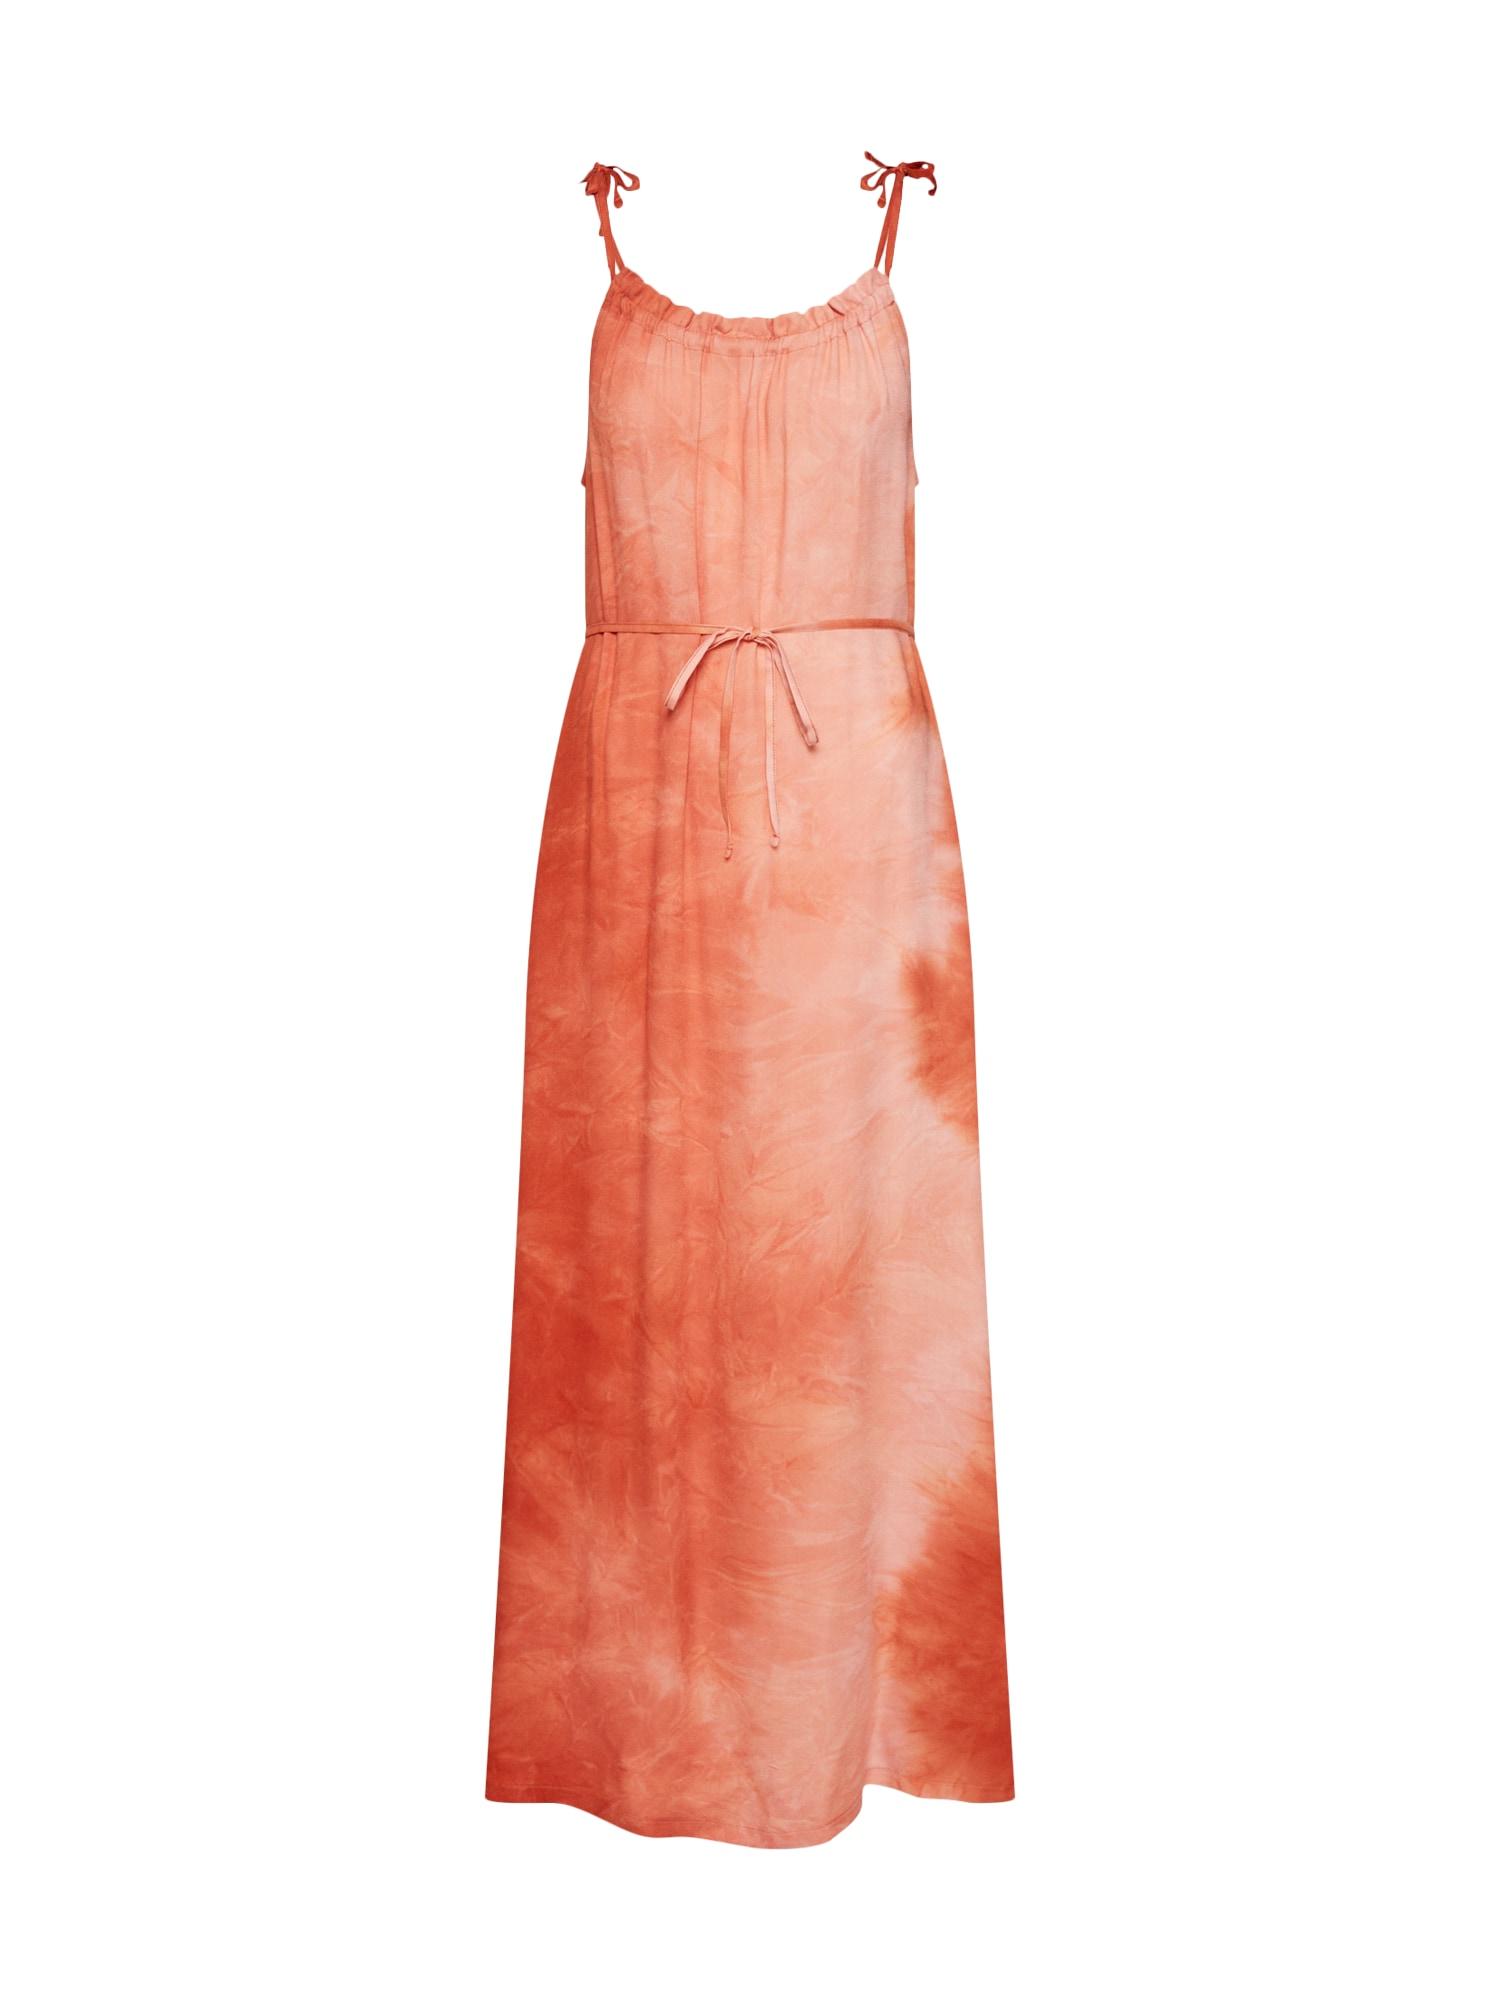 Letní šaty Corinna oranžová ABOUT YOU